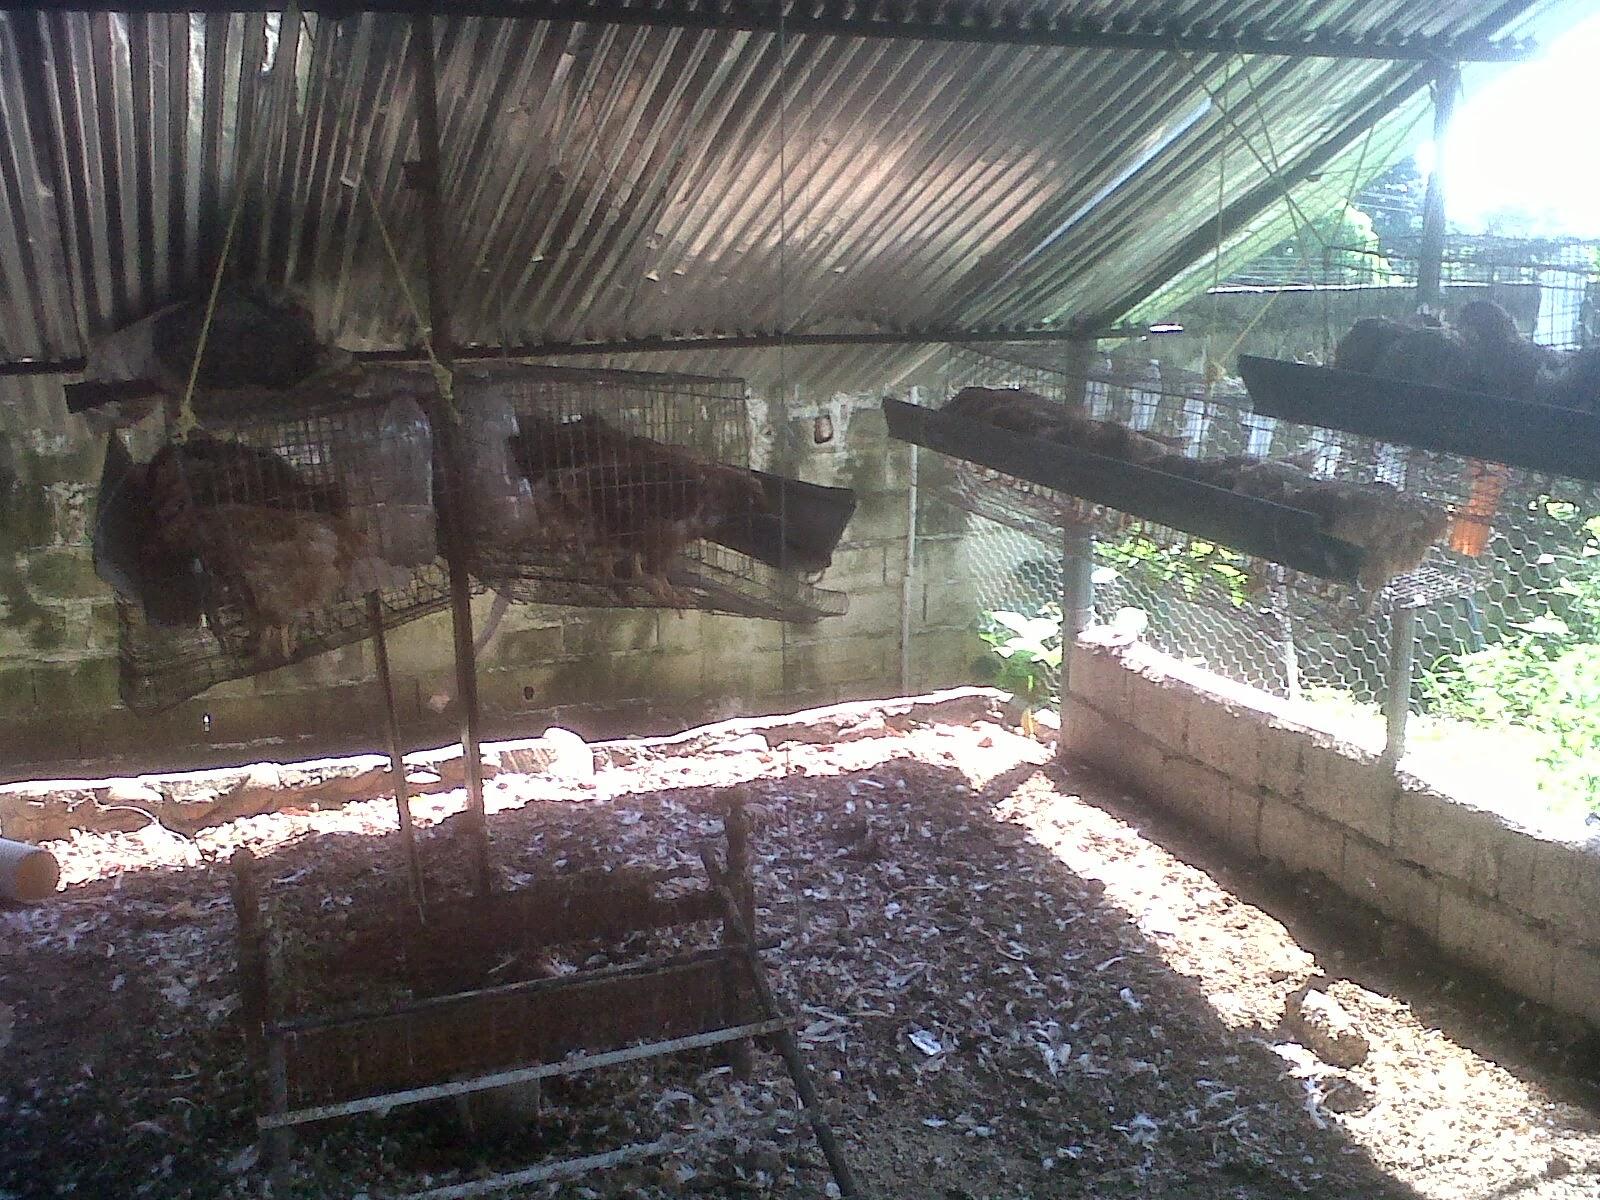 Casa sostenible guanare portuguesa venezuela sistema de gallinas gallus domesticus en casa - Casas para gallinas ...